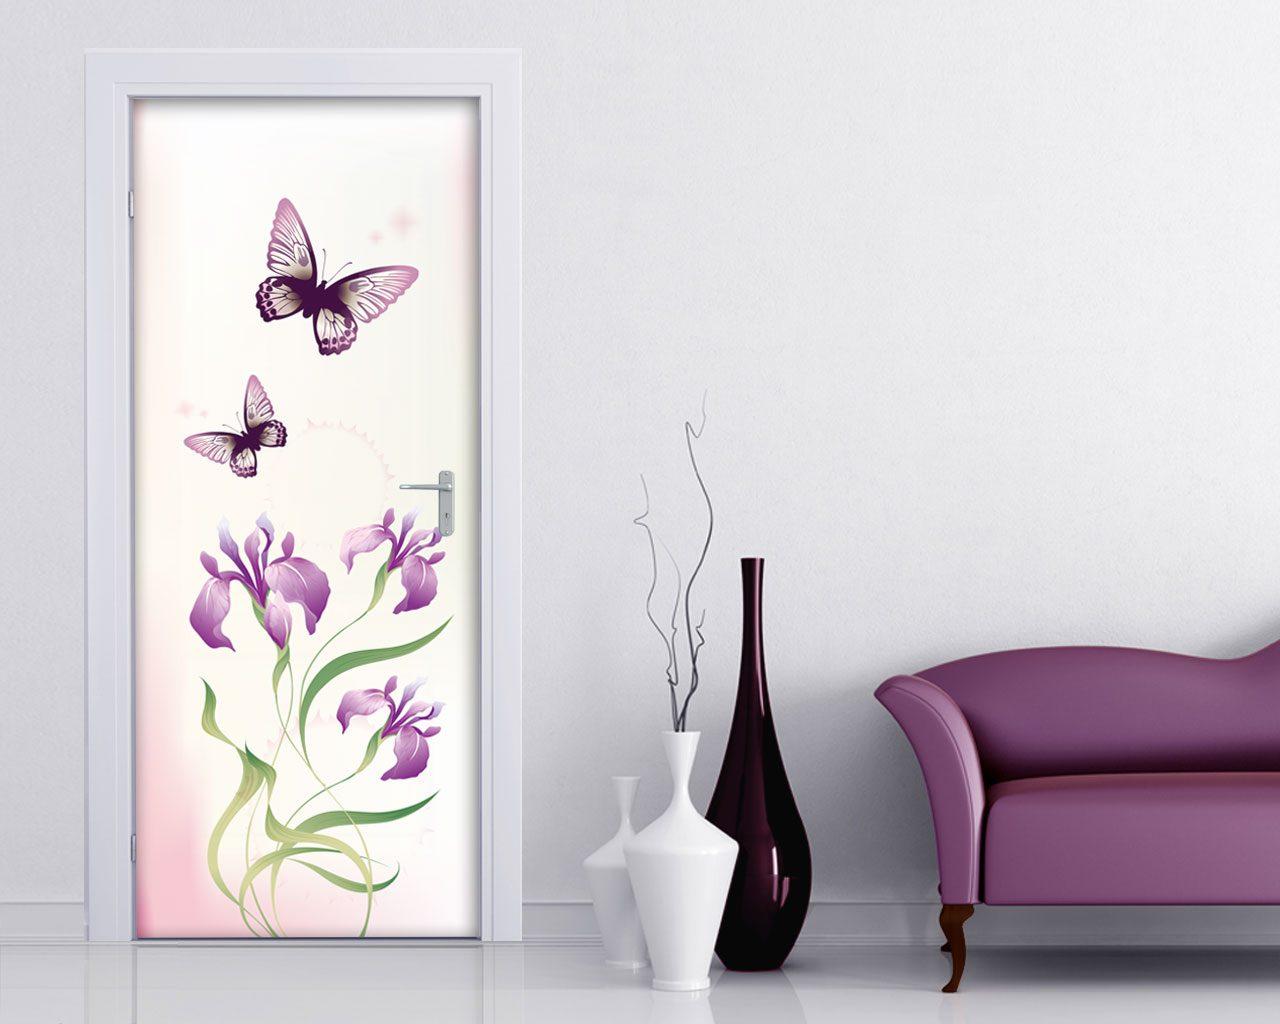 Fiori rosa e farfalle fiori adesivo per porte - Adesivi per porte interne ikea ...